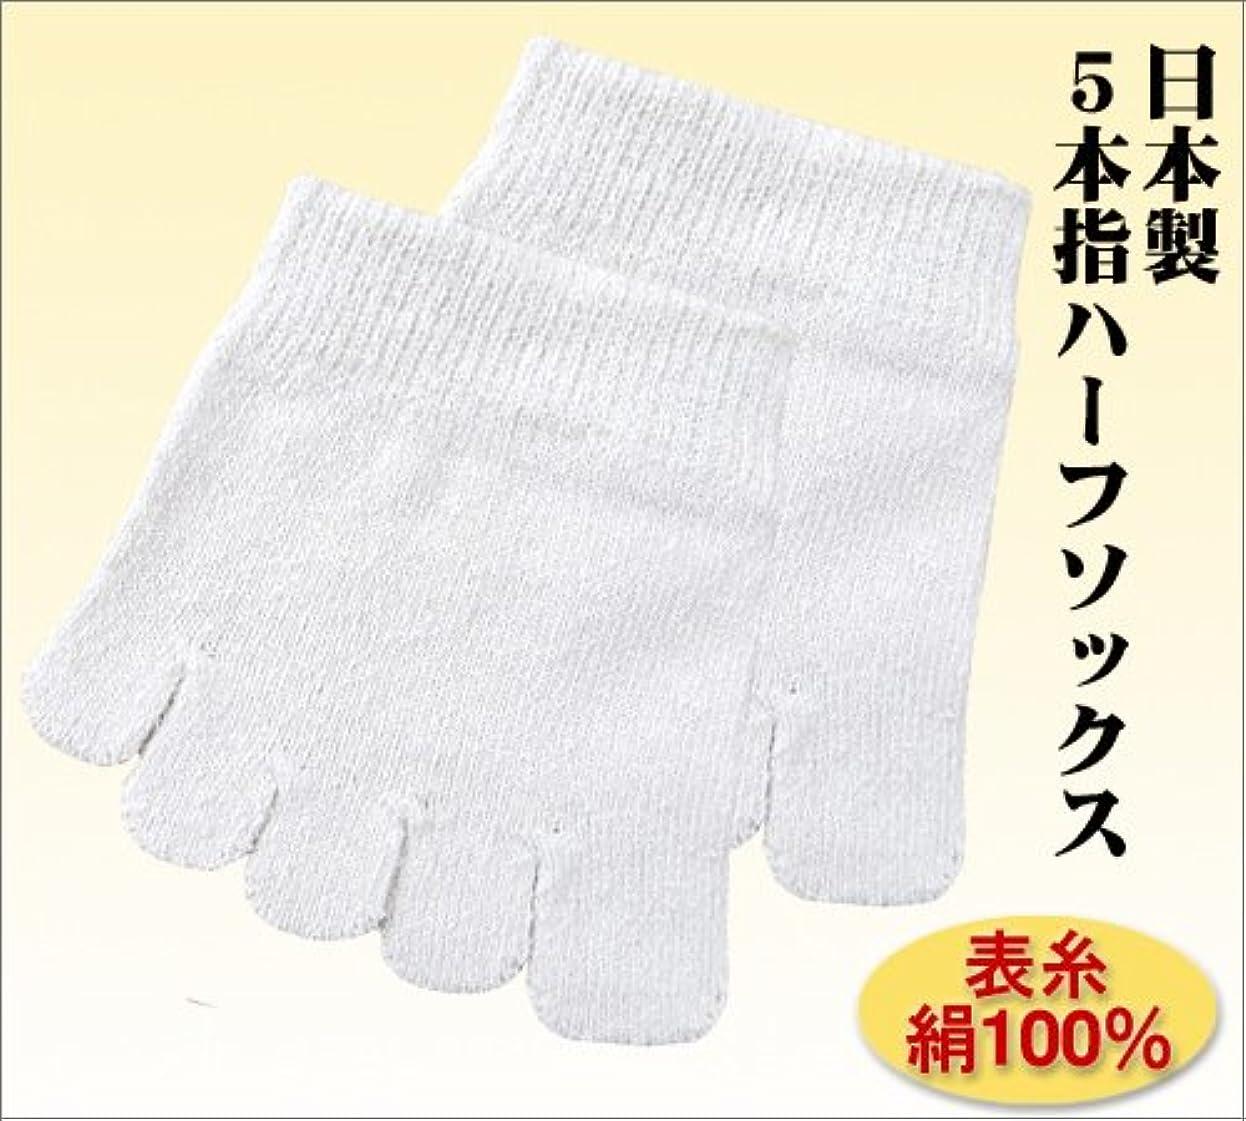 鉛列挙する尊敬日本製 天然シルク5本指ハーフソックス 表糸絹100% 快適な指先ソックス (紳士用 黒色2足組)